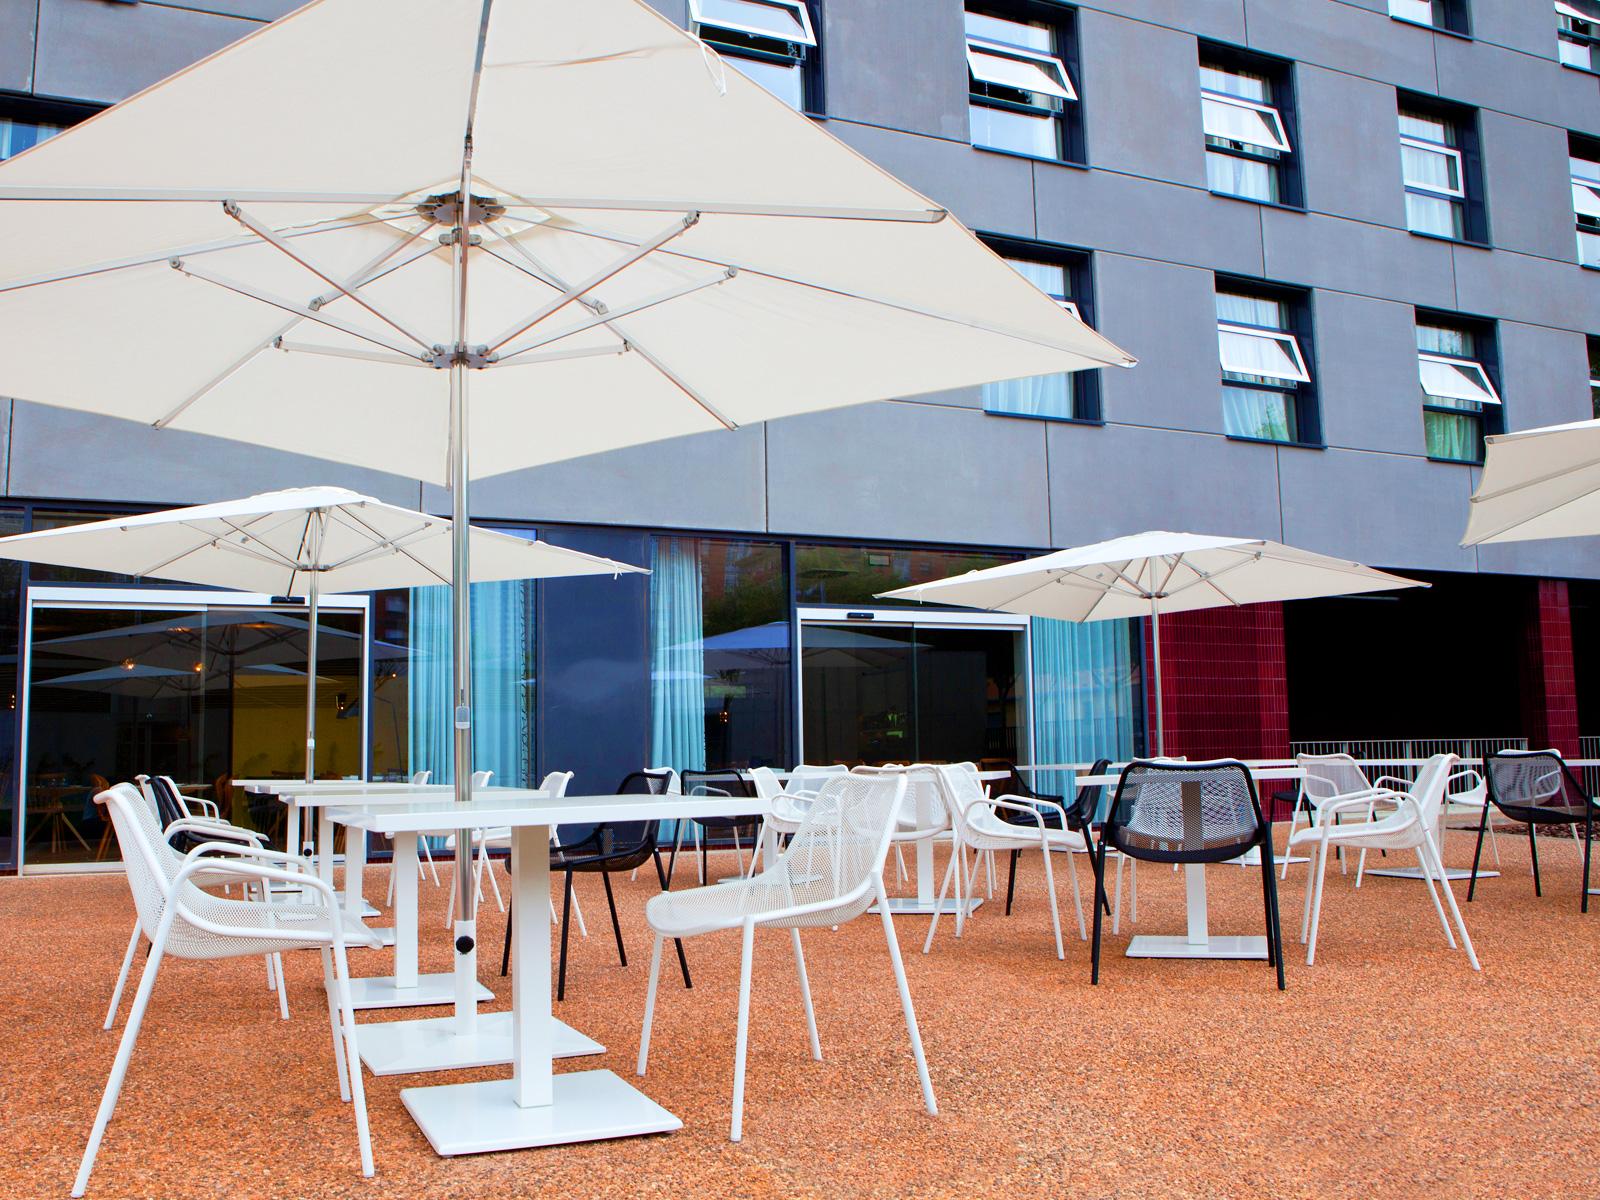 Dienstleistungen hotel barcelona bit vincci hoteles - Hoteles vincci barcelona ...